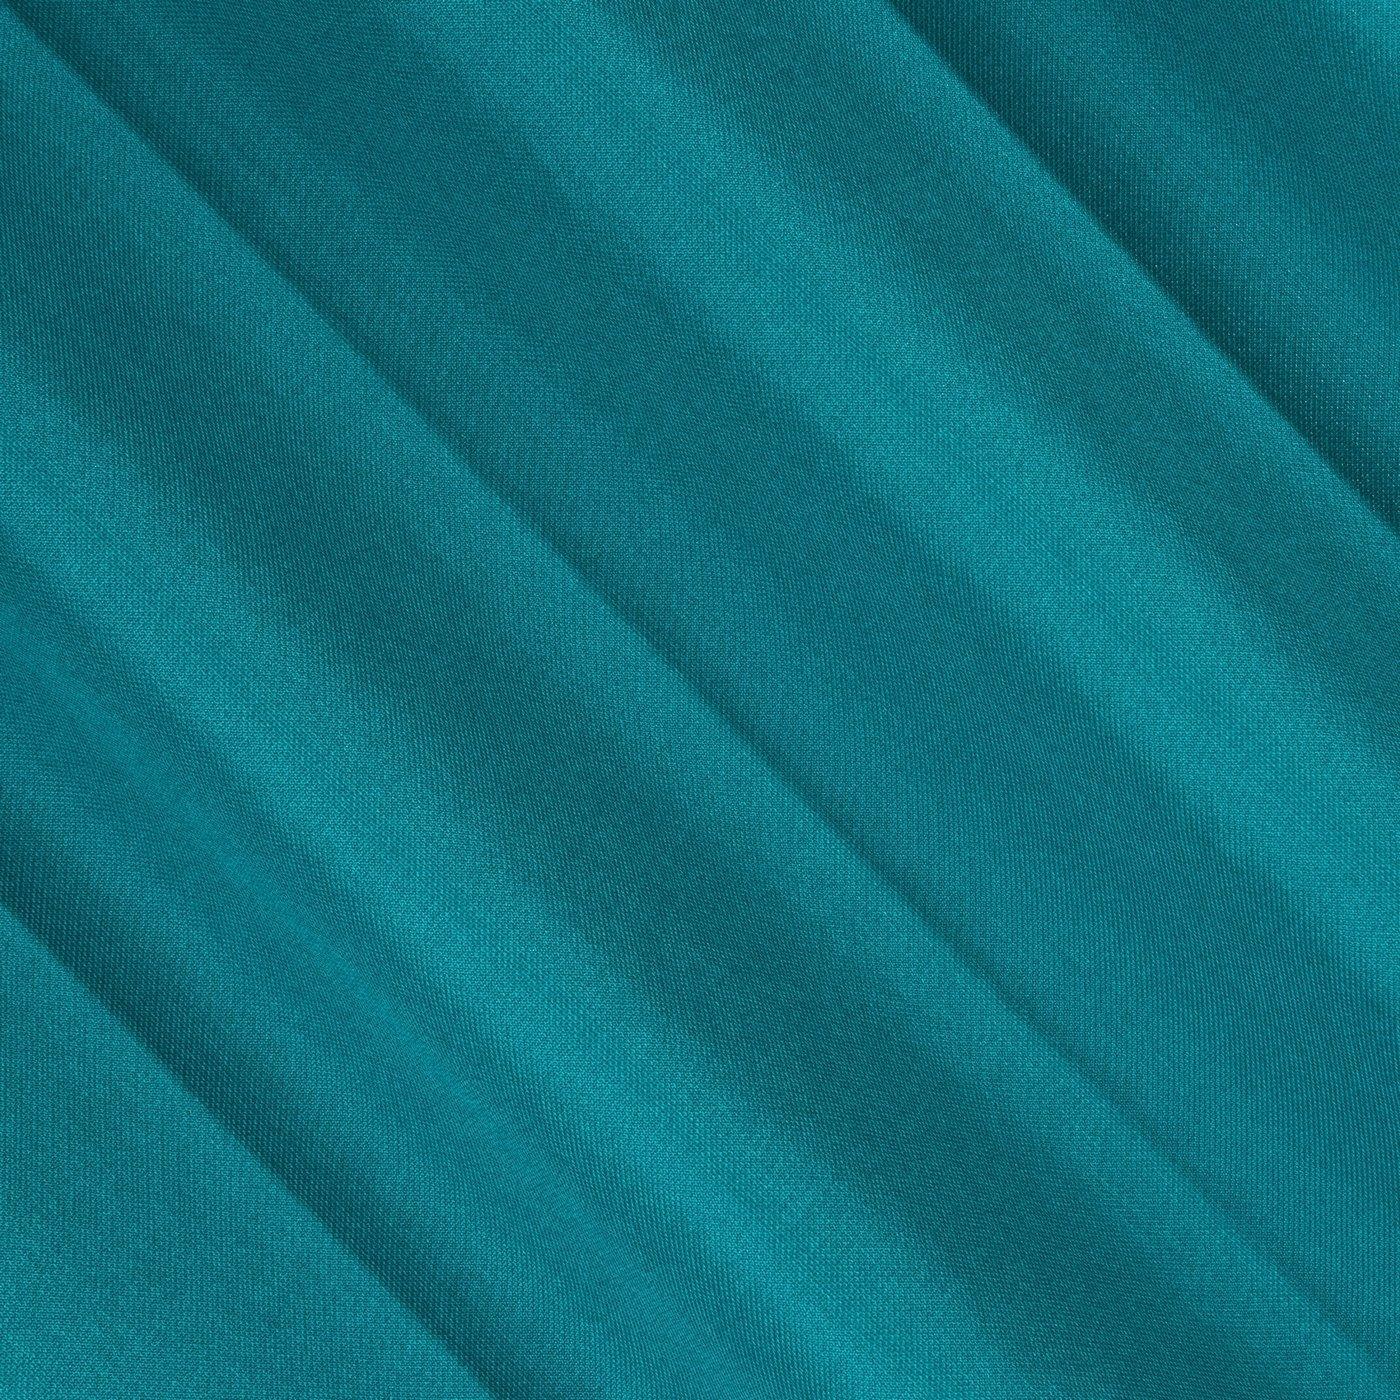 Gruba zasłona turkusowa 135x250 na przelotkach